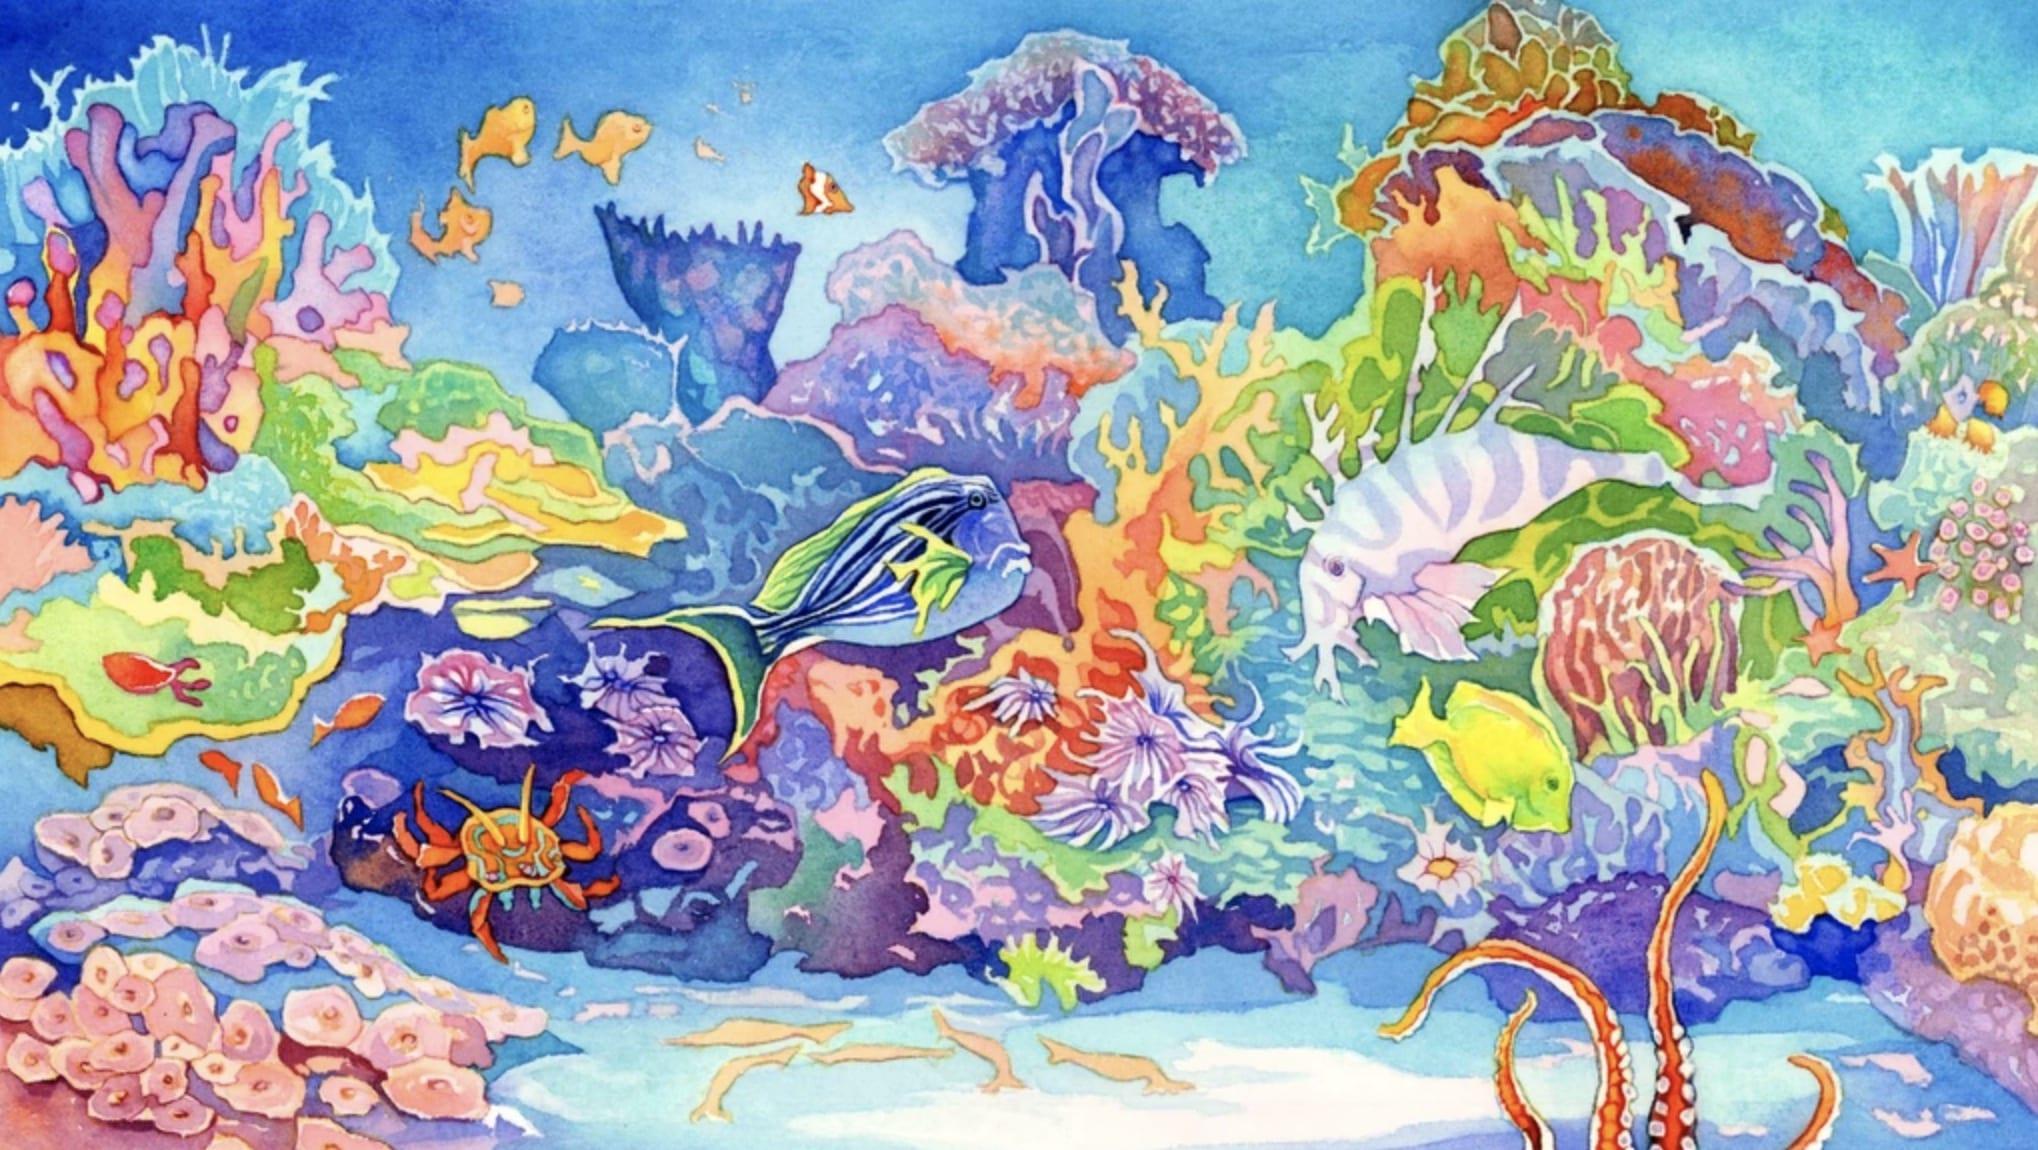 Recensione Oceani: un tuffo nel boardgame dell'evoluzione marina